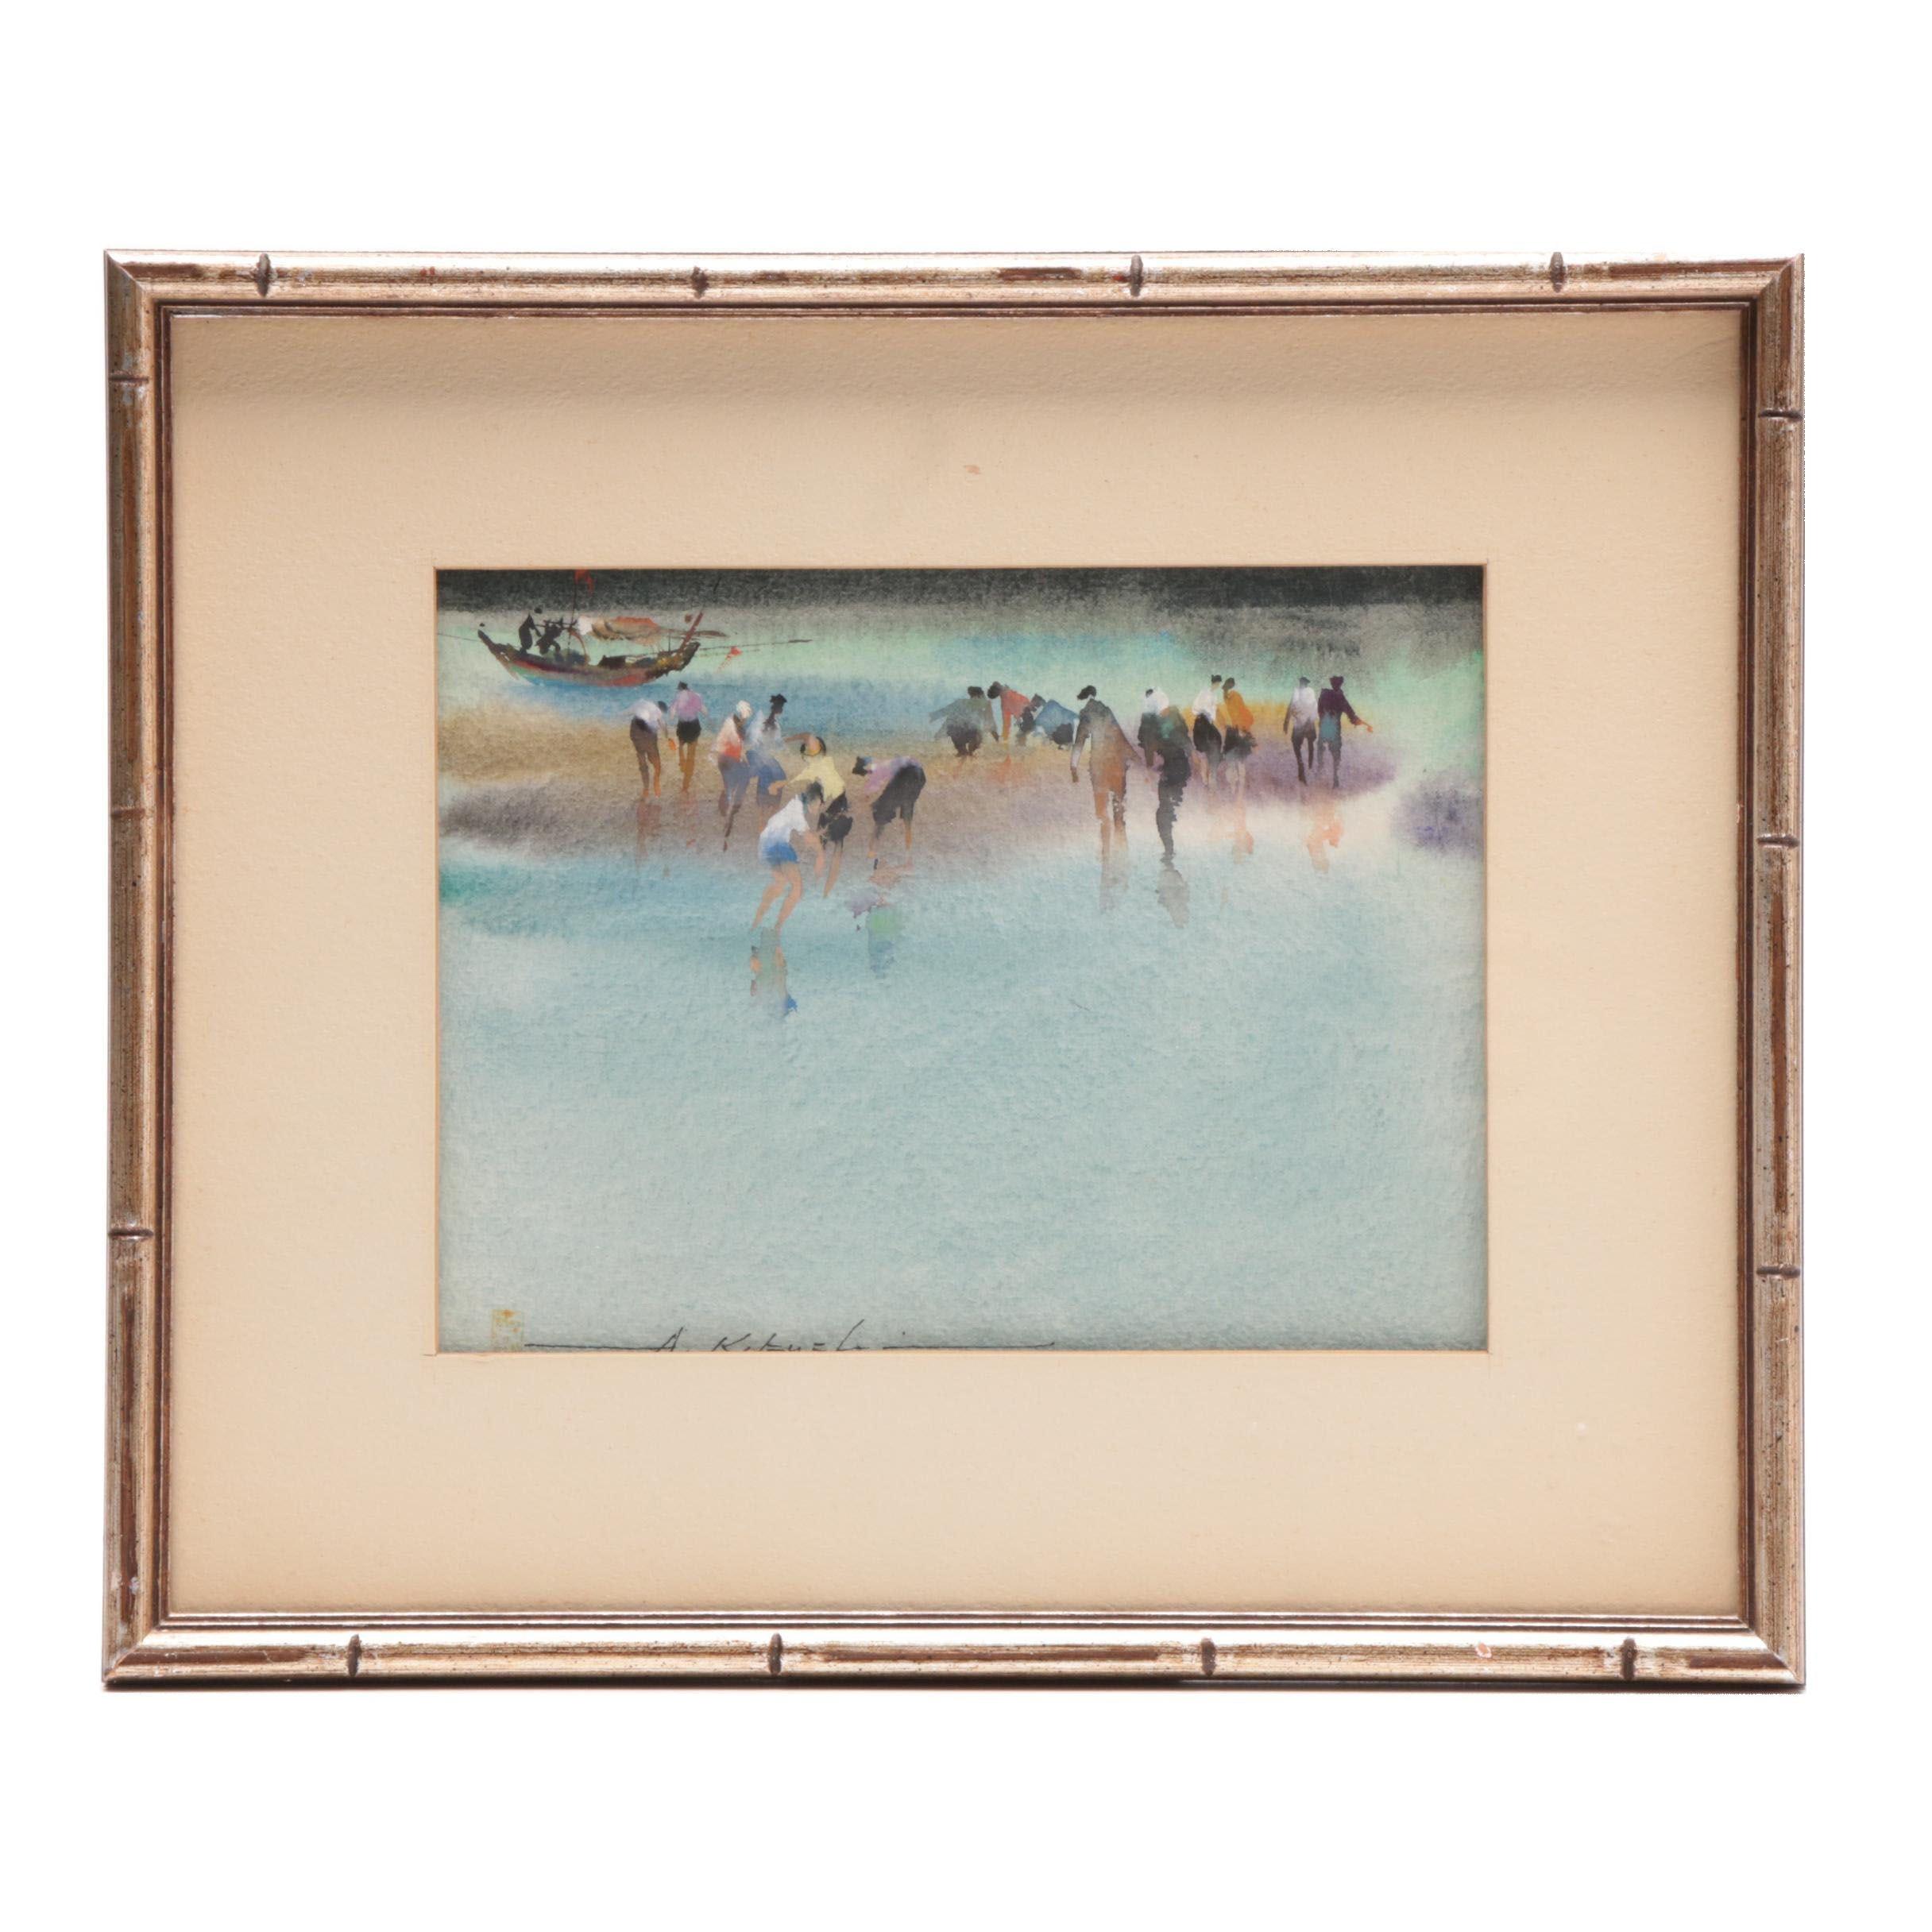 Atsushi Kikuchi Watercolor Painting of Beach Scene